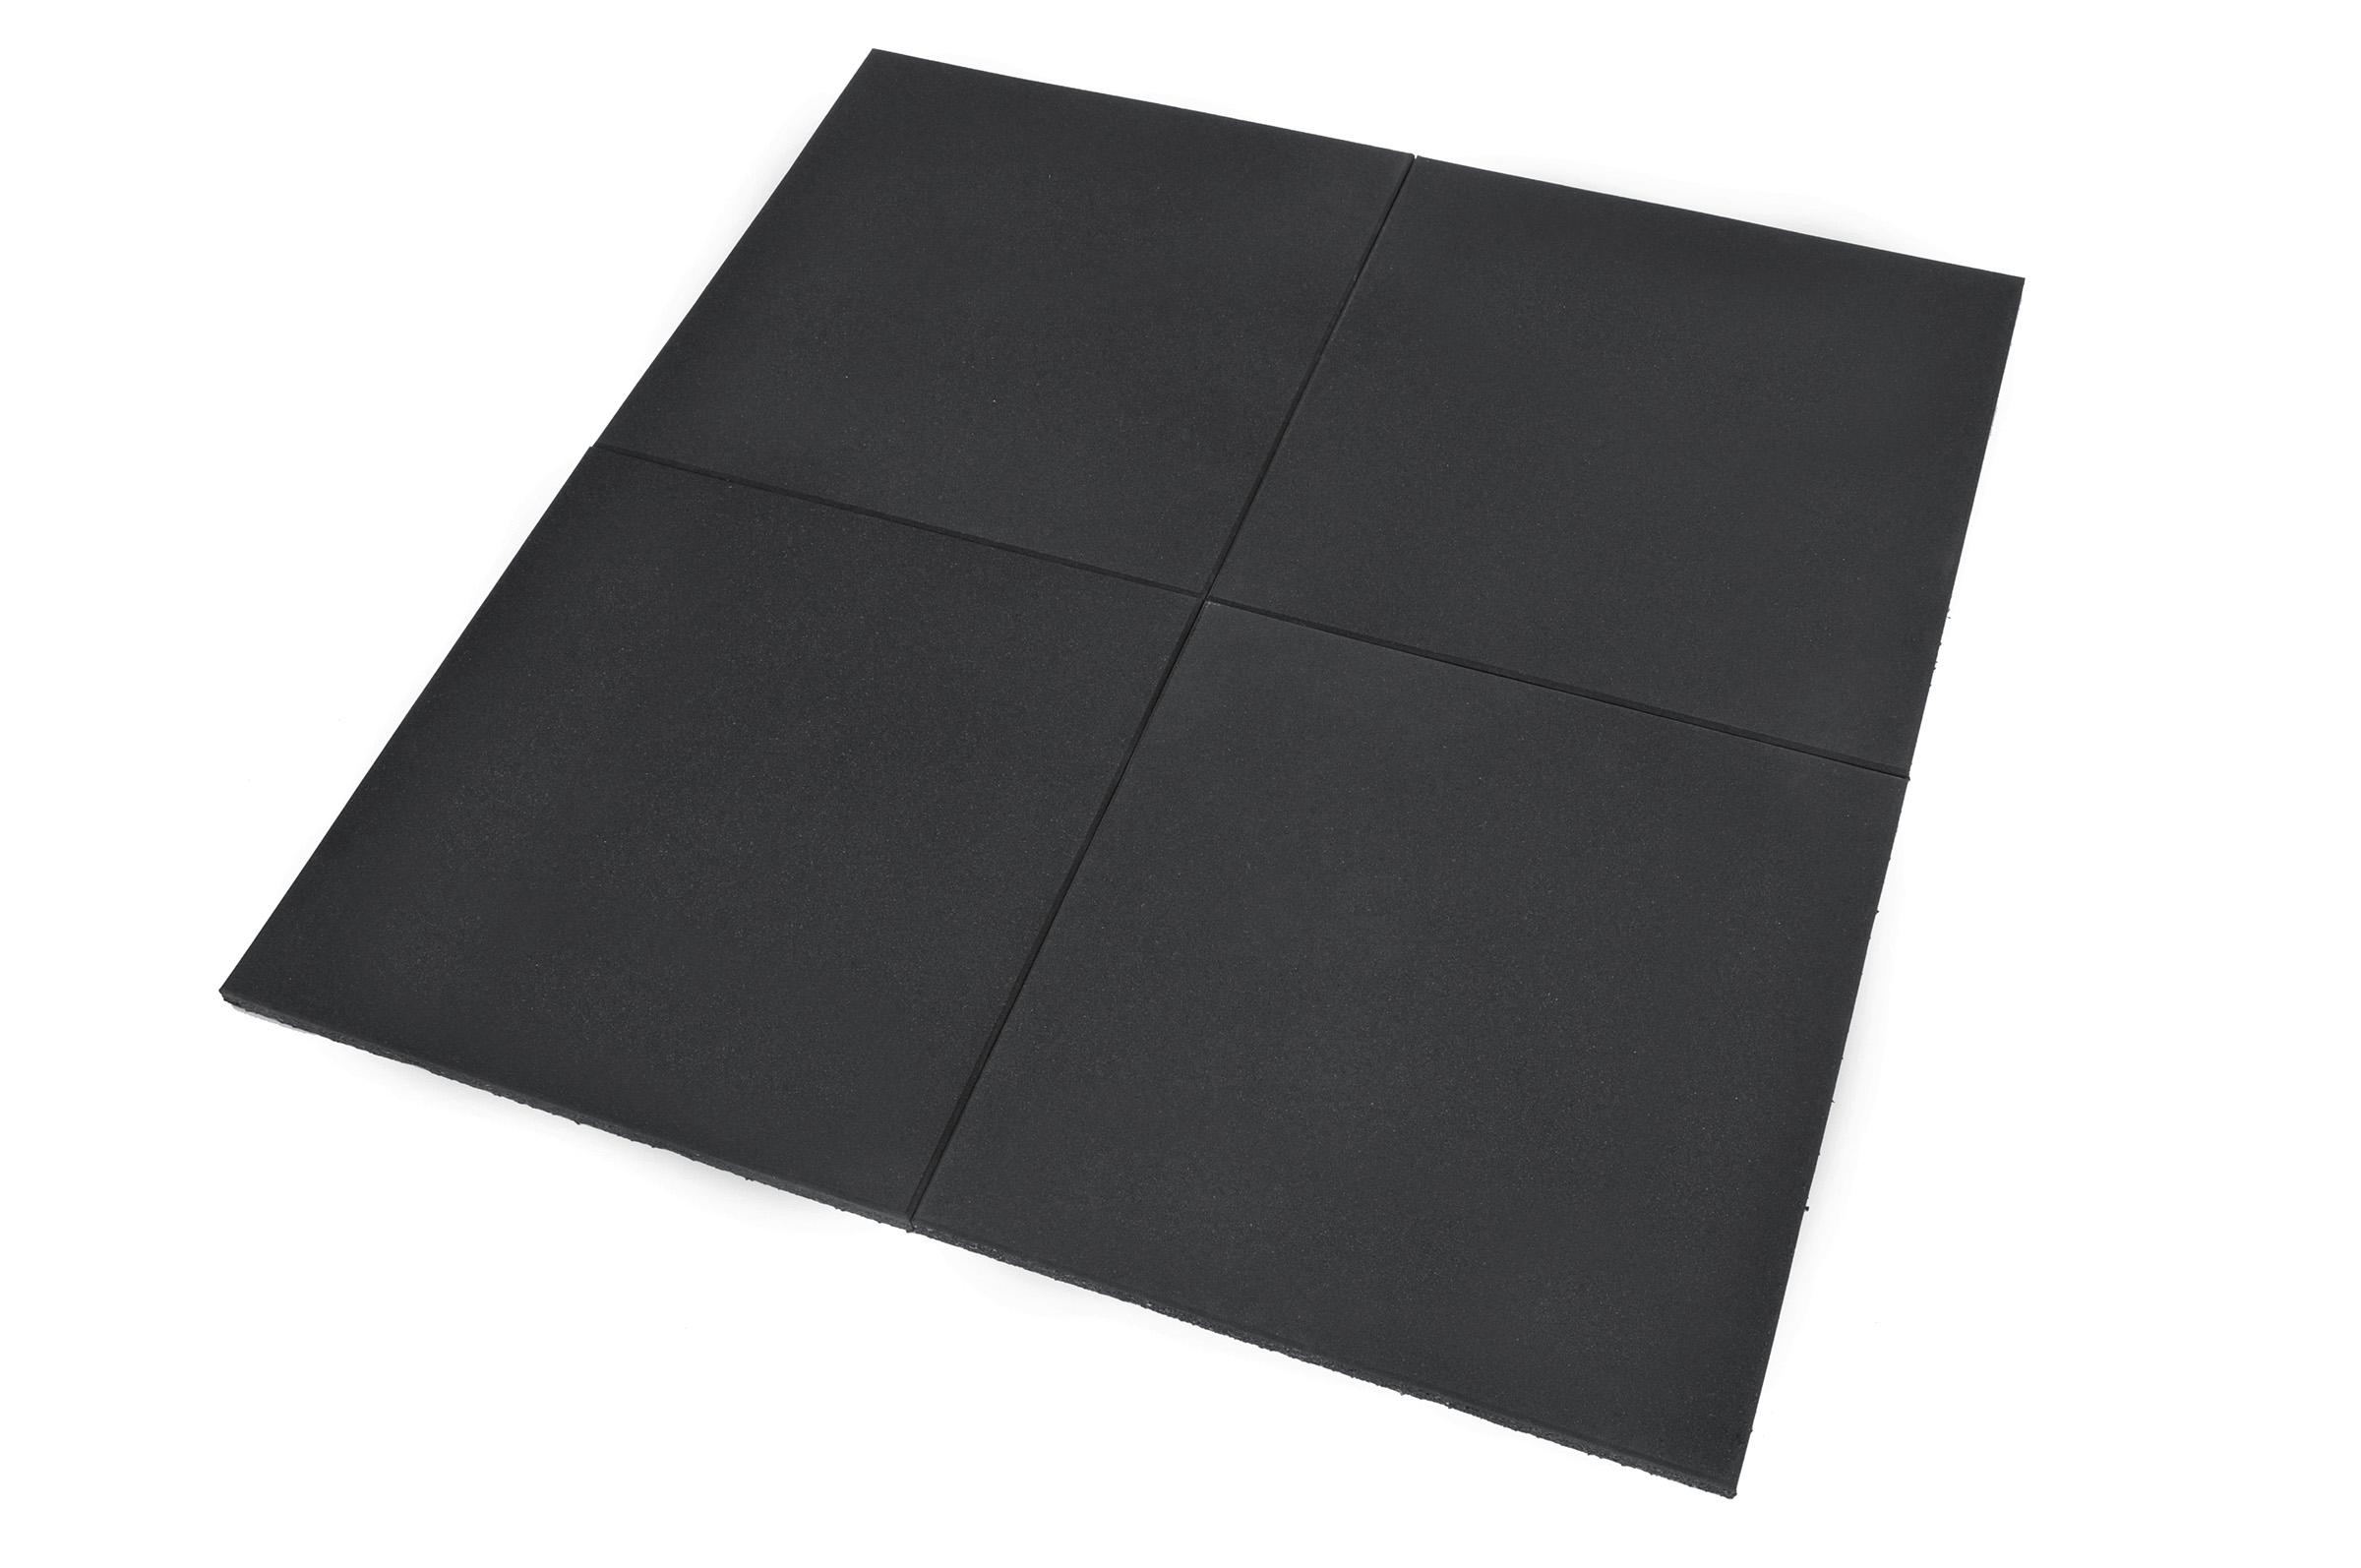 dalle de crossfit. Black Bedroom Furniture Sets. Home Design Ideas